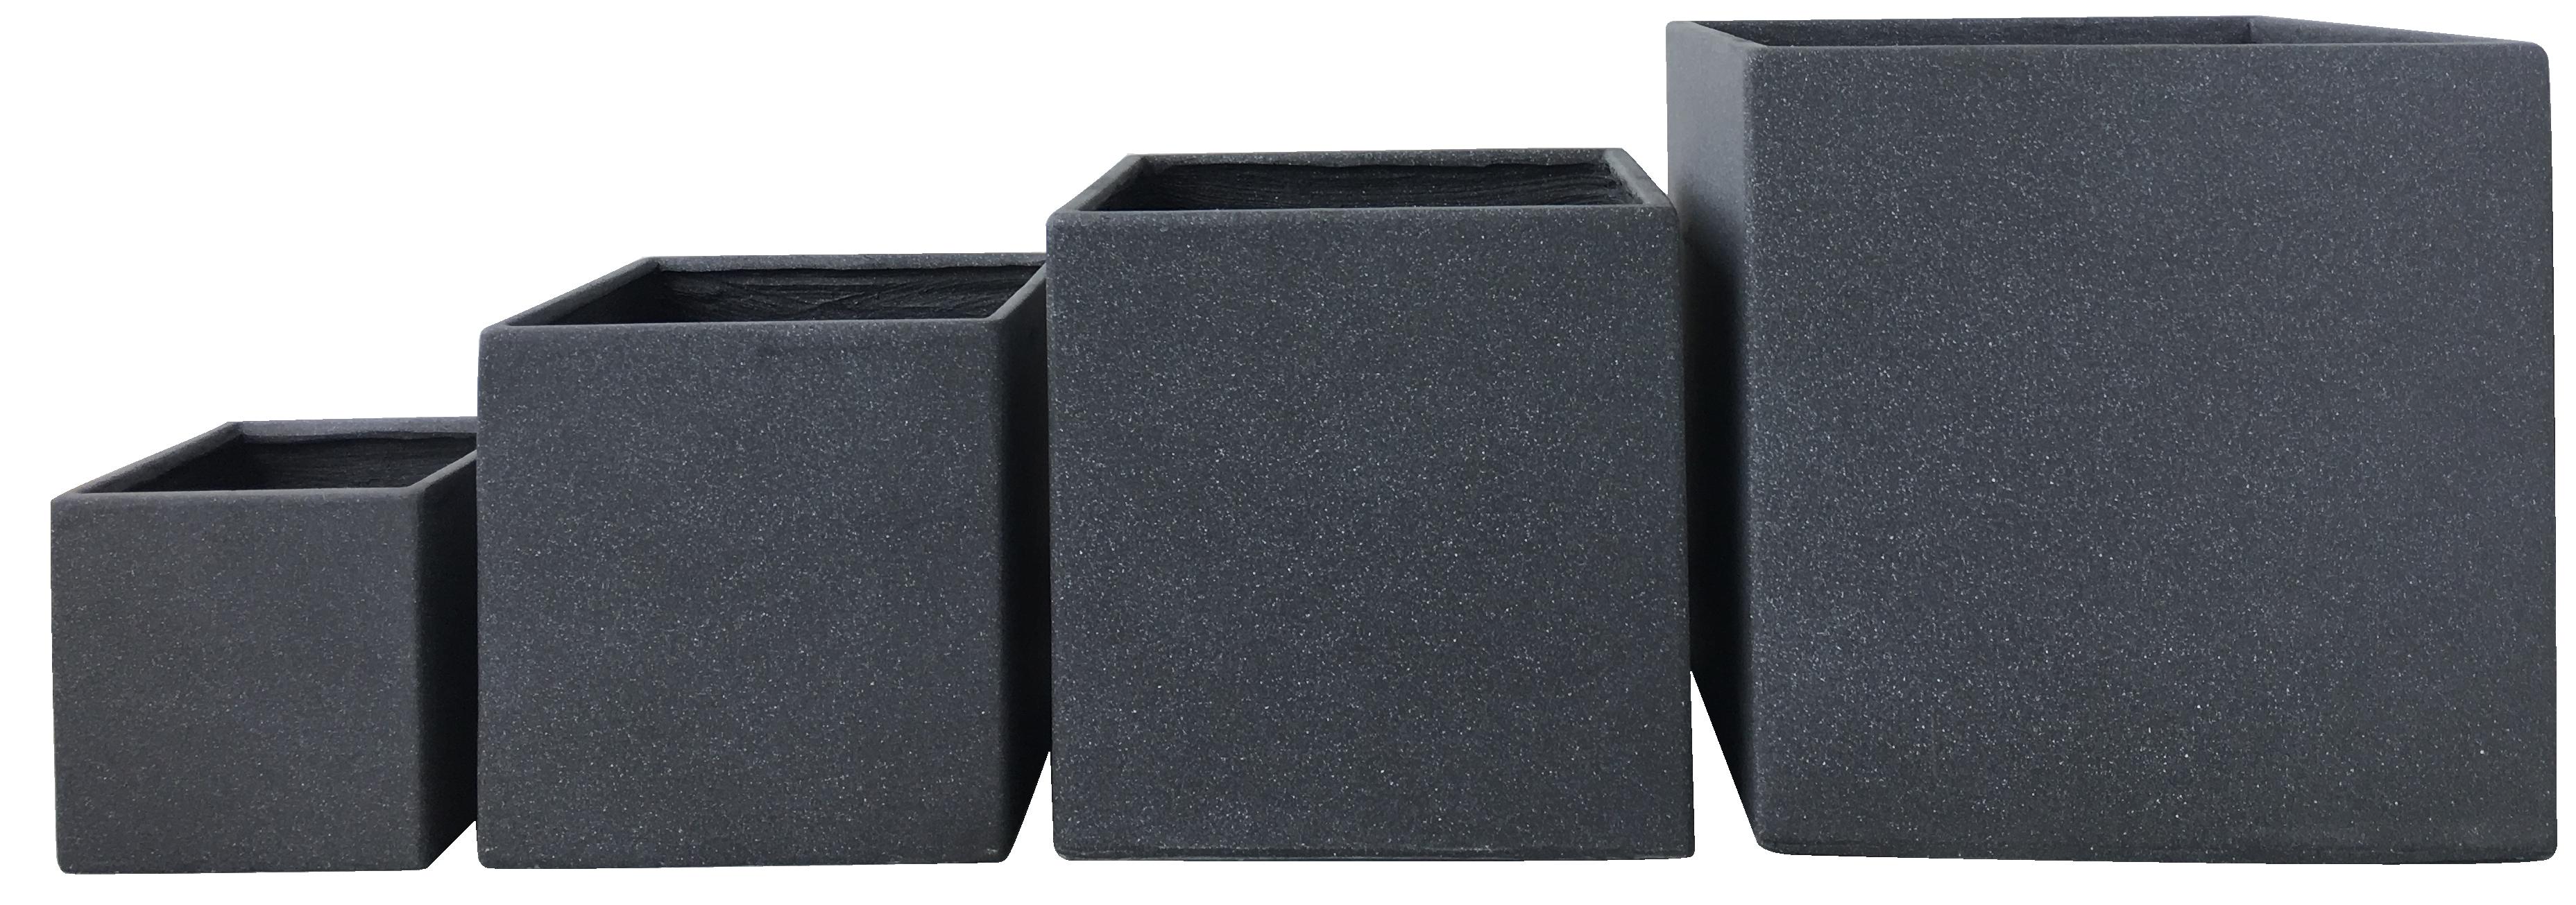 premium pflanzk bel set lounge cube von 7even blumentopf eckig pflanzgef e blumenkasten. Black Bedroom Furniture Sets. Home Design Ideas